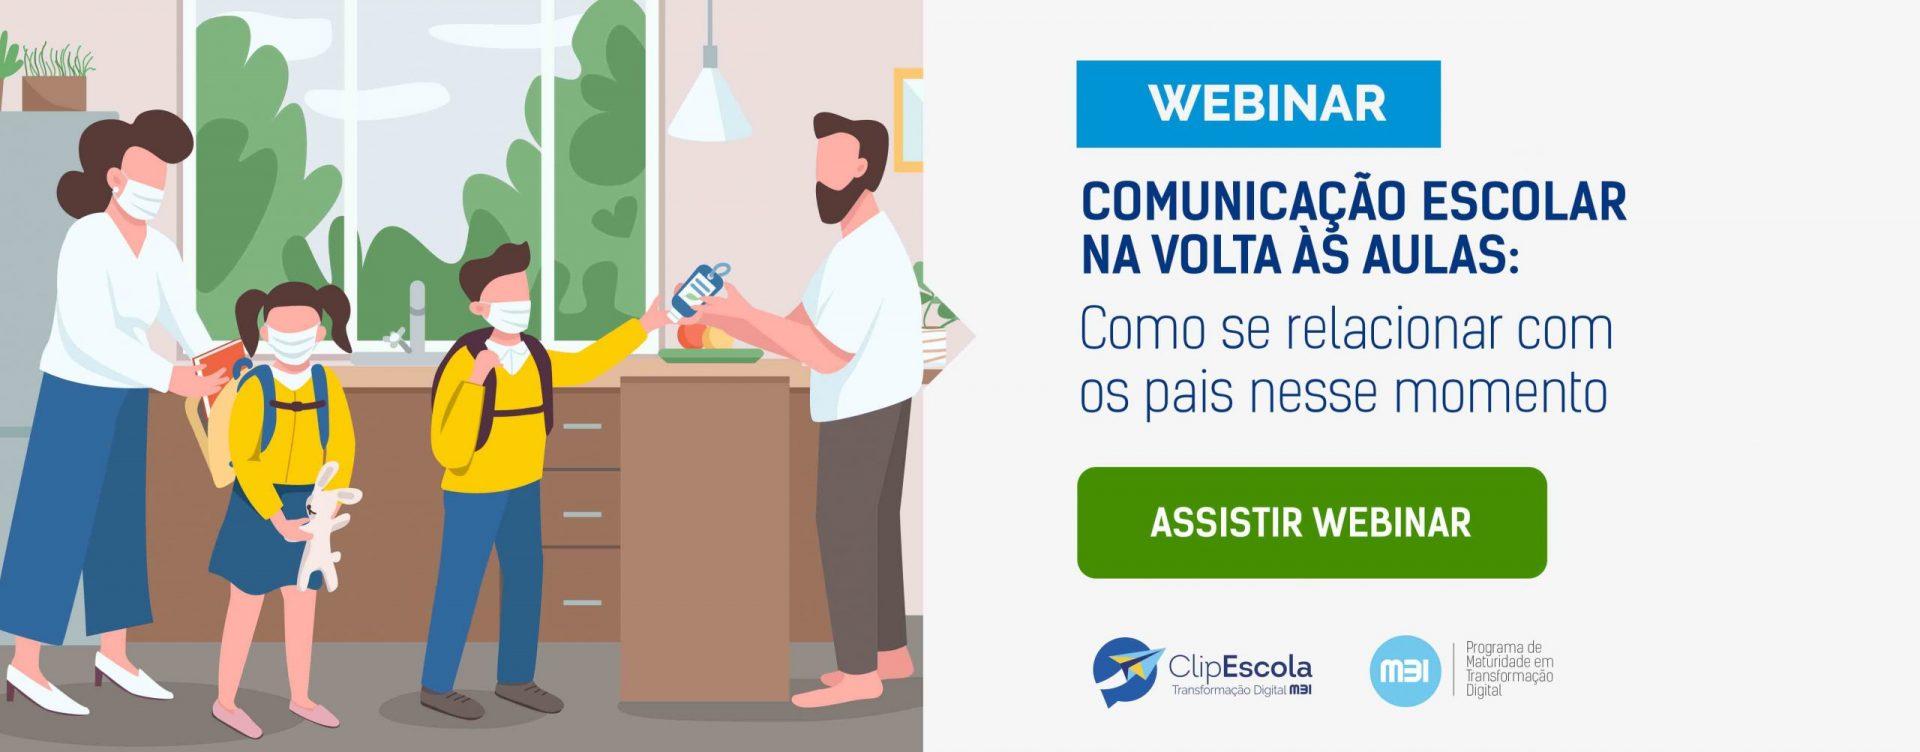 CTA_Webinar_Comunicação Escolar na Volta às Aulas